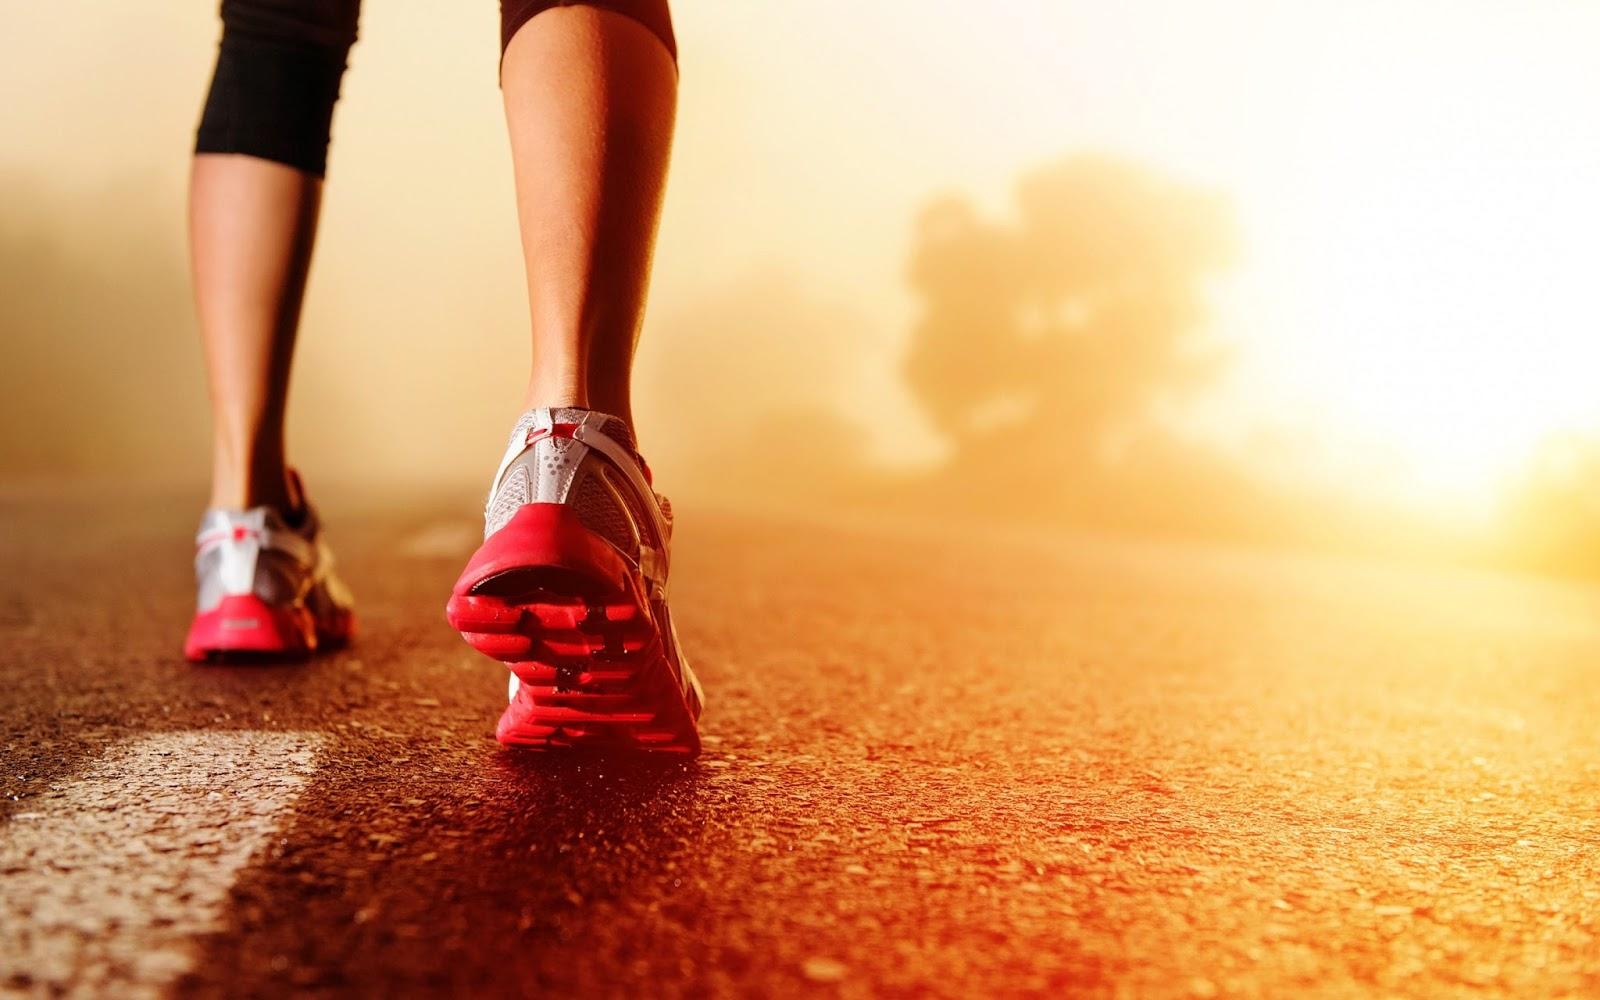 e050fd8b6a603 Empezar a correr desde 0, plan de entrenamiento - ZonaDeMeta .com